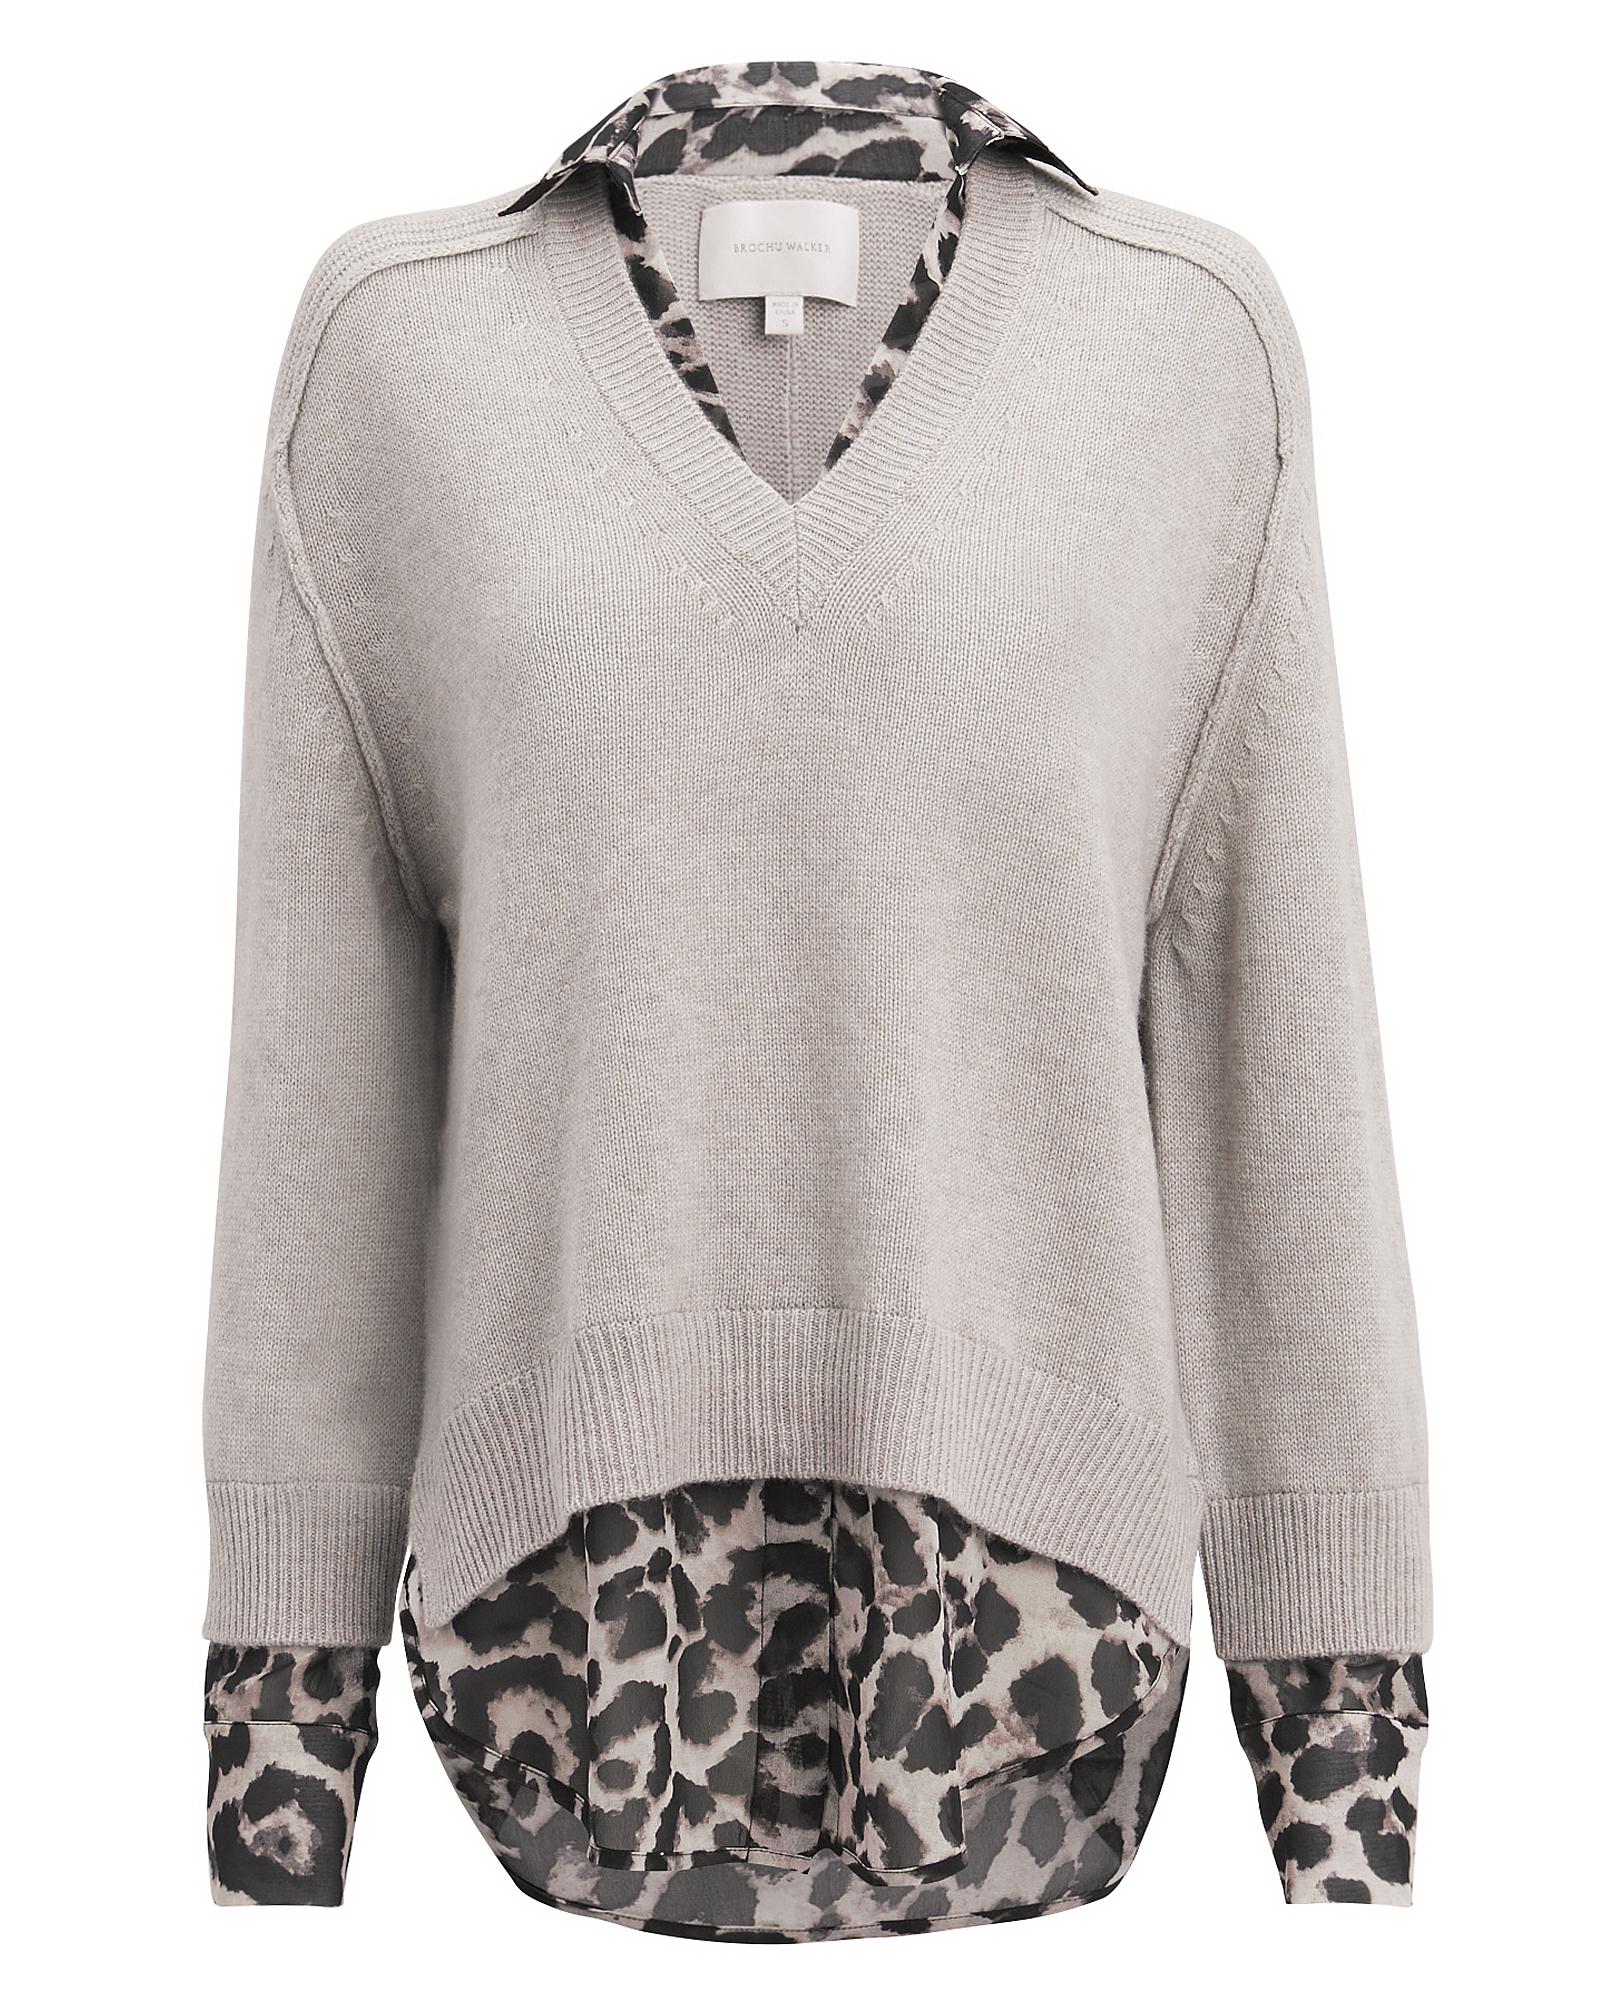 Brochu Walker Sweaters Leopard Layered V-Neck Sweater